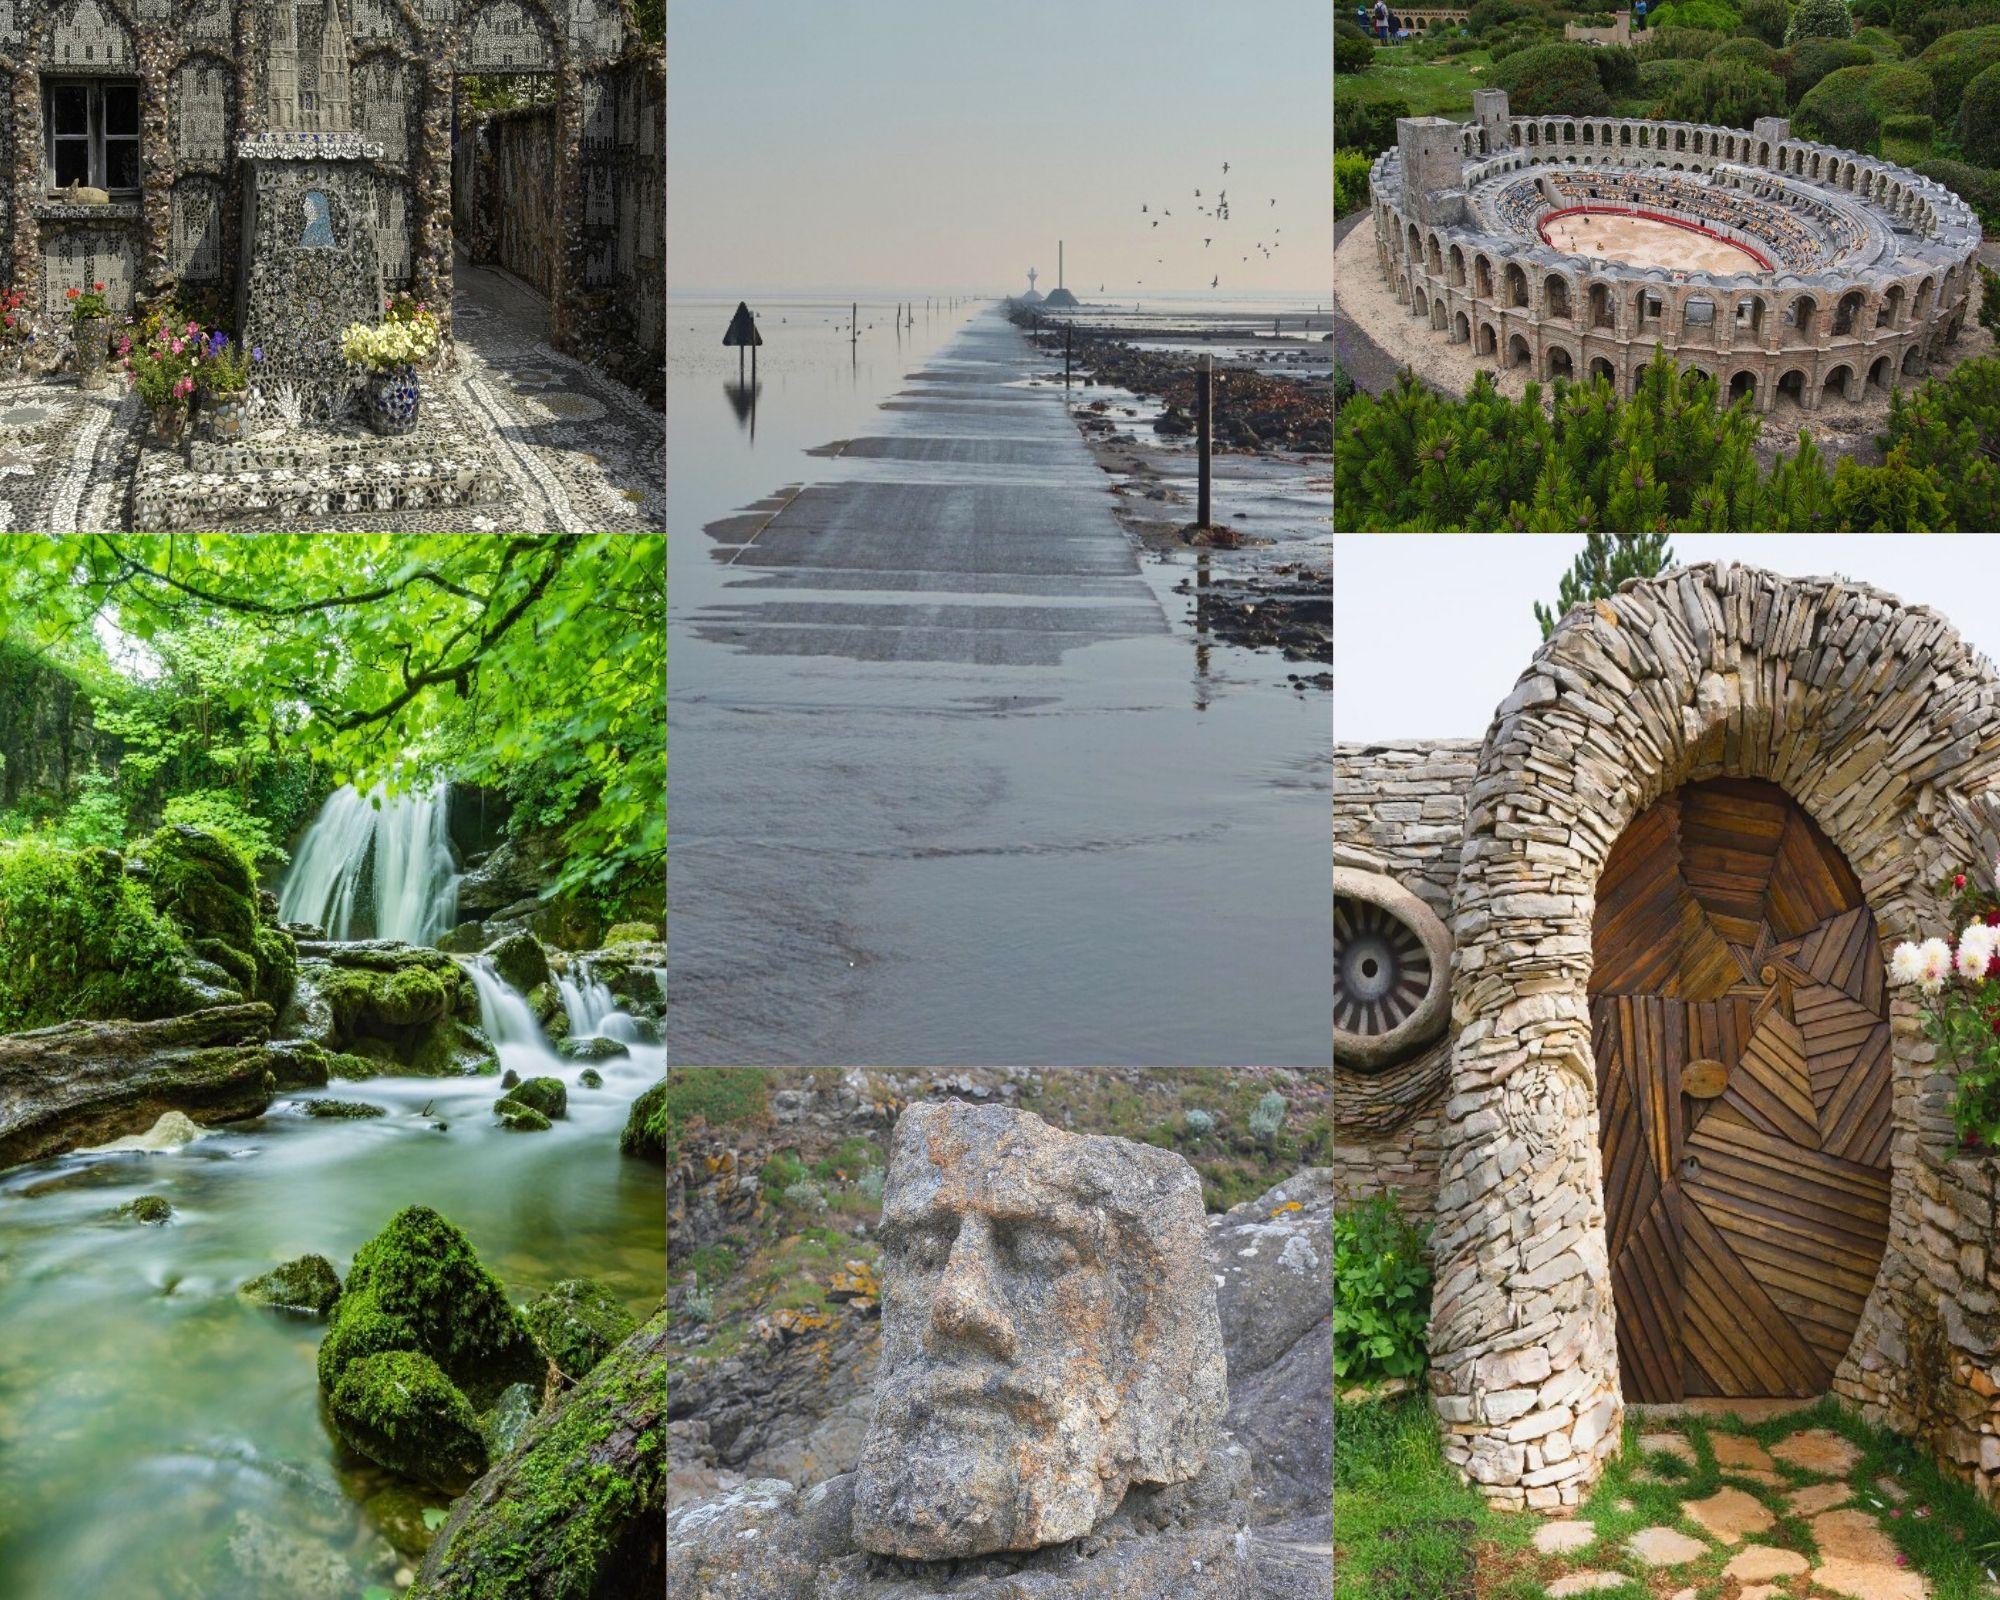 Il existe différents lieux insolites à visiter sur le territoire français / Montage (c) Pascale Luissint